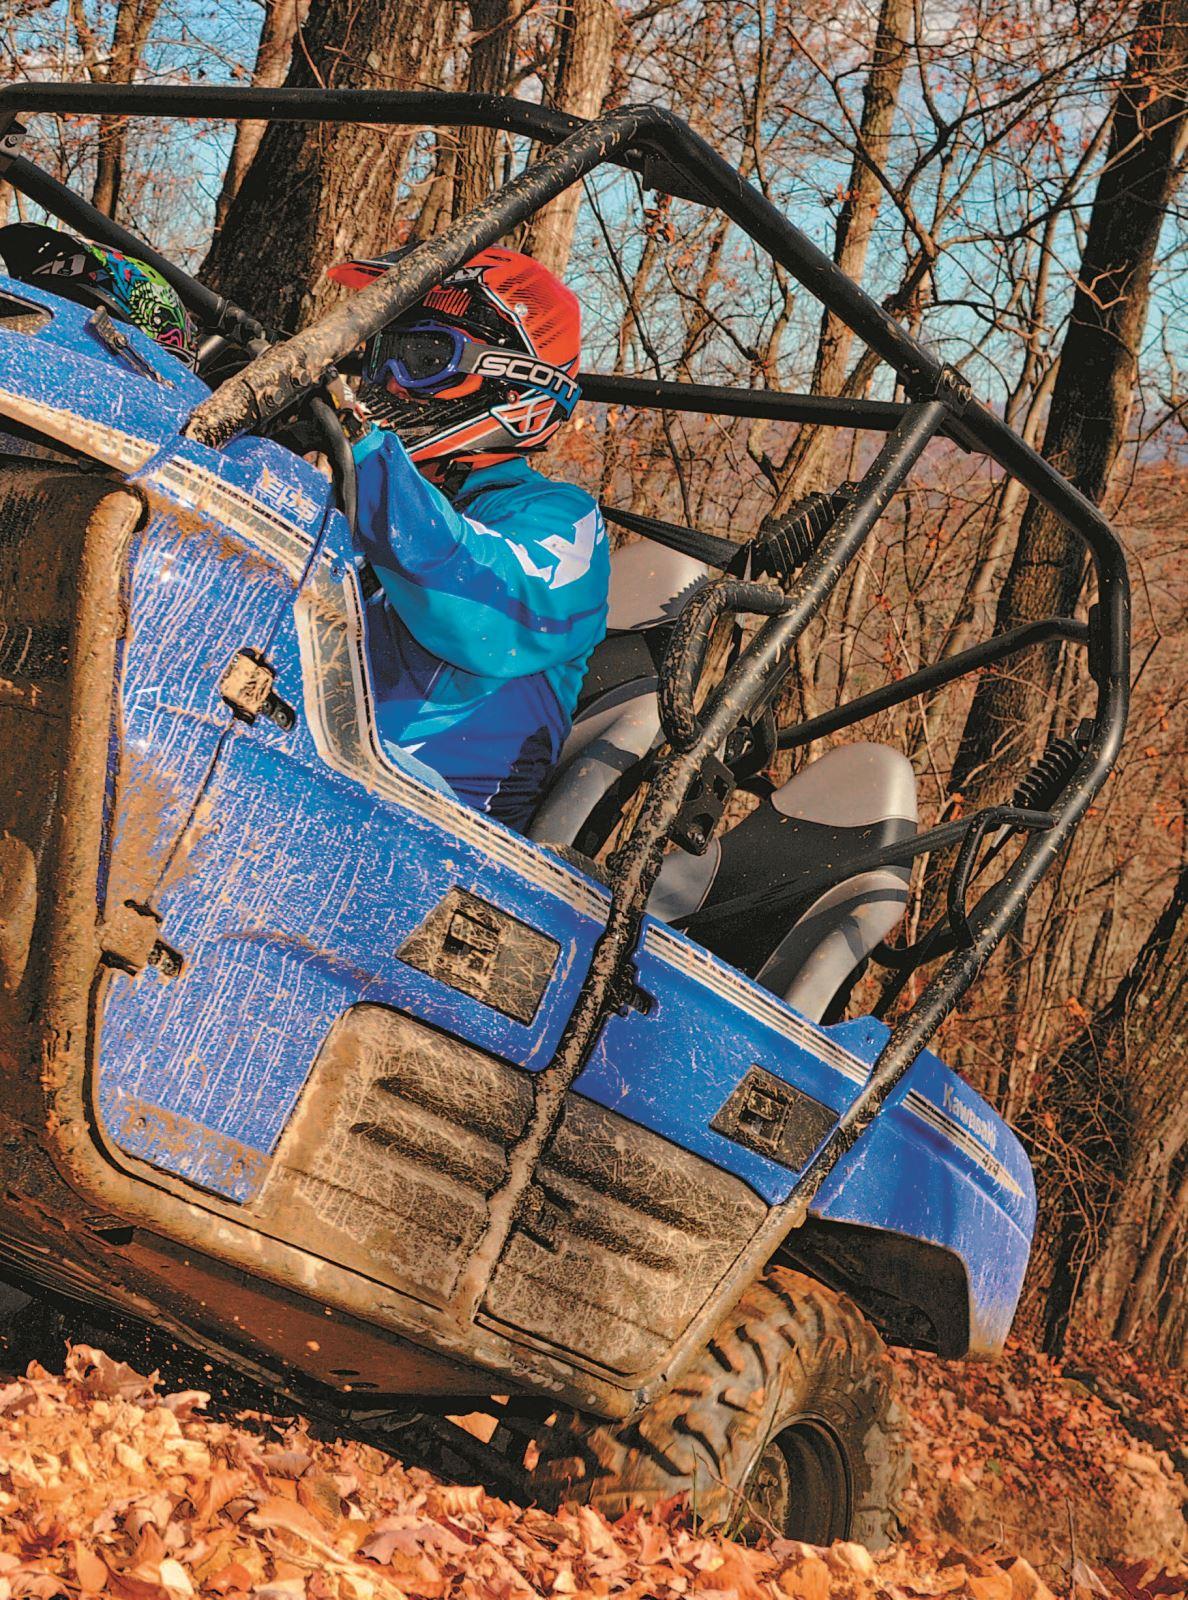 Kawasaki's Got Game TeryX4 Ready to Challenge RZR 4 800 | Dirt Toys